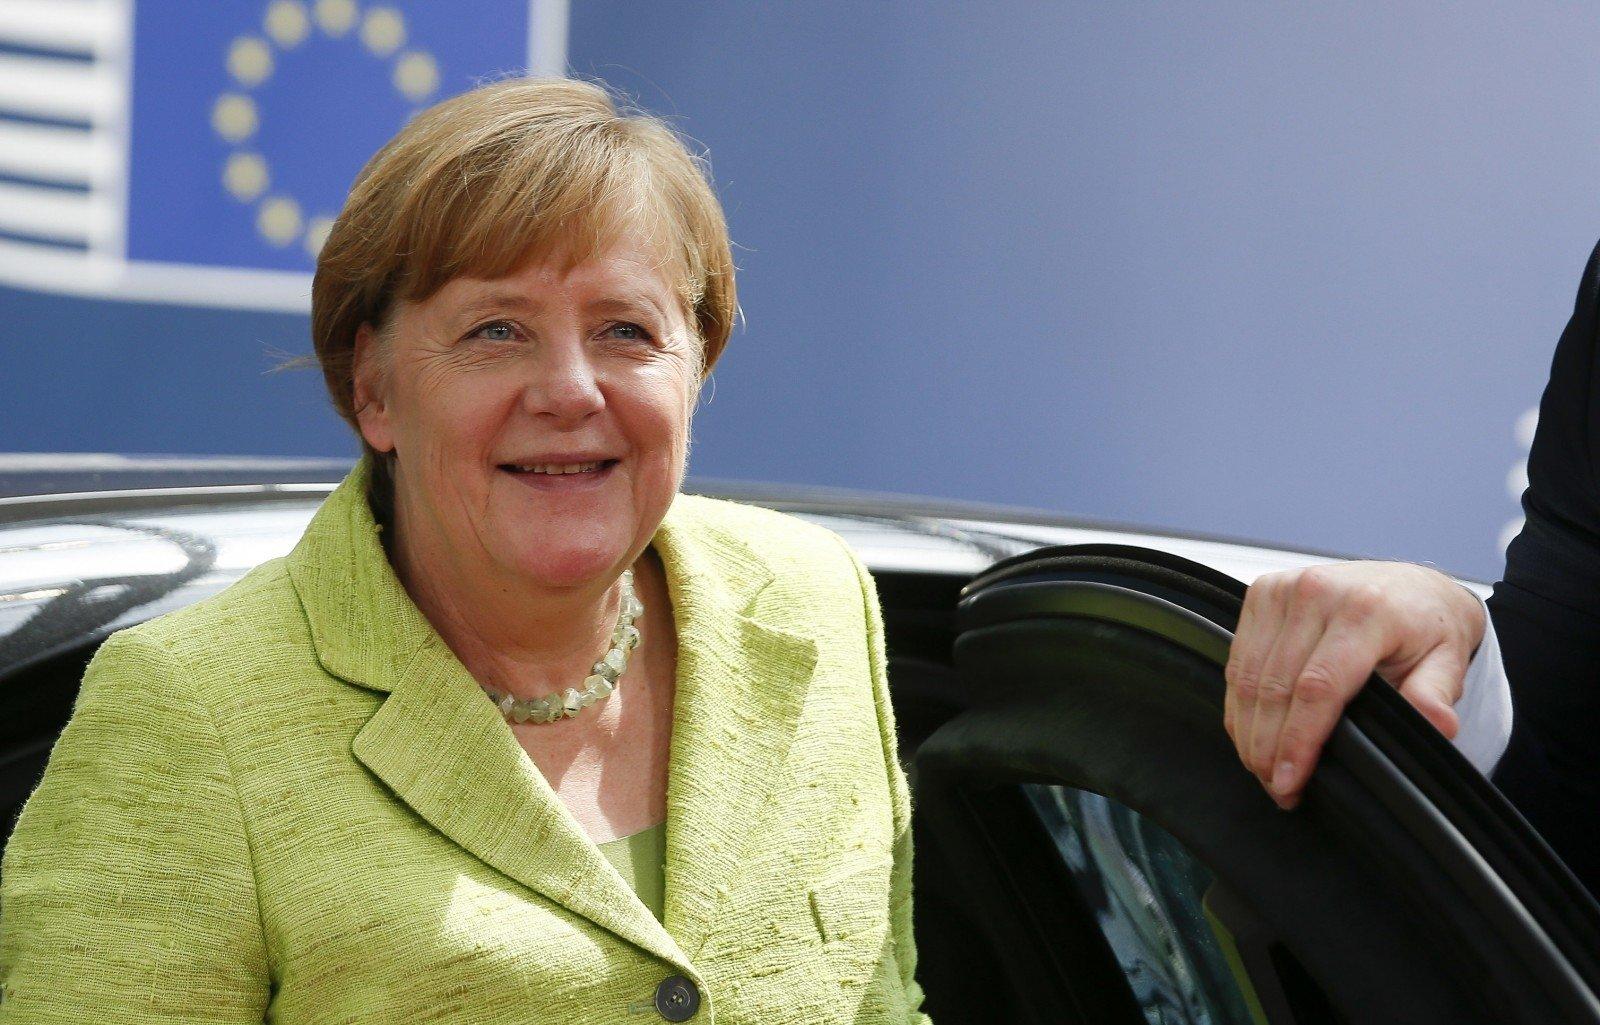 Рейтинг популярности Меркель упал до59% — Опрос